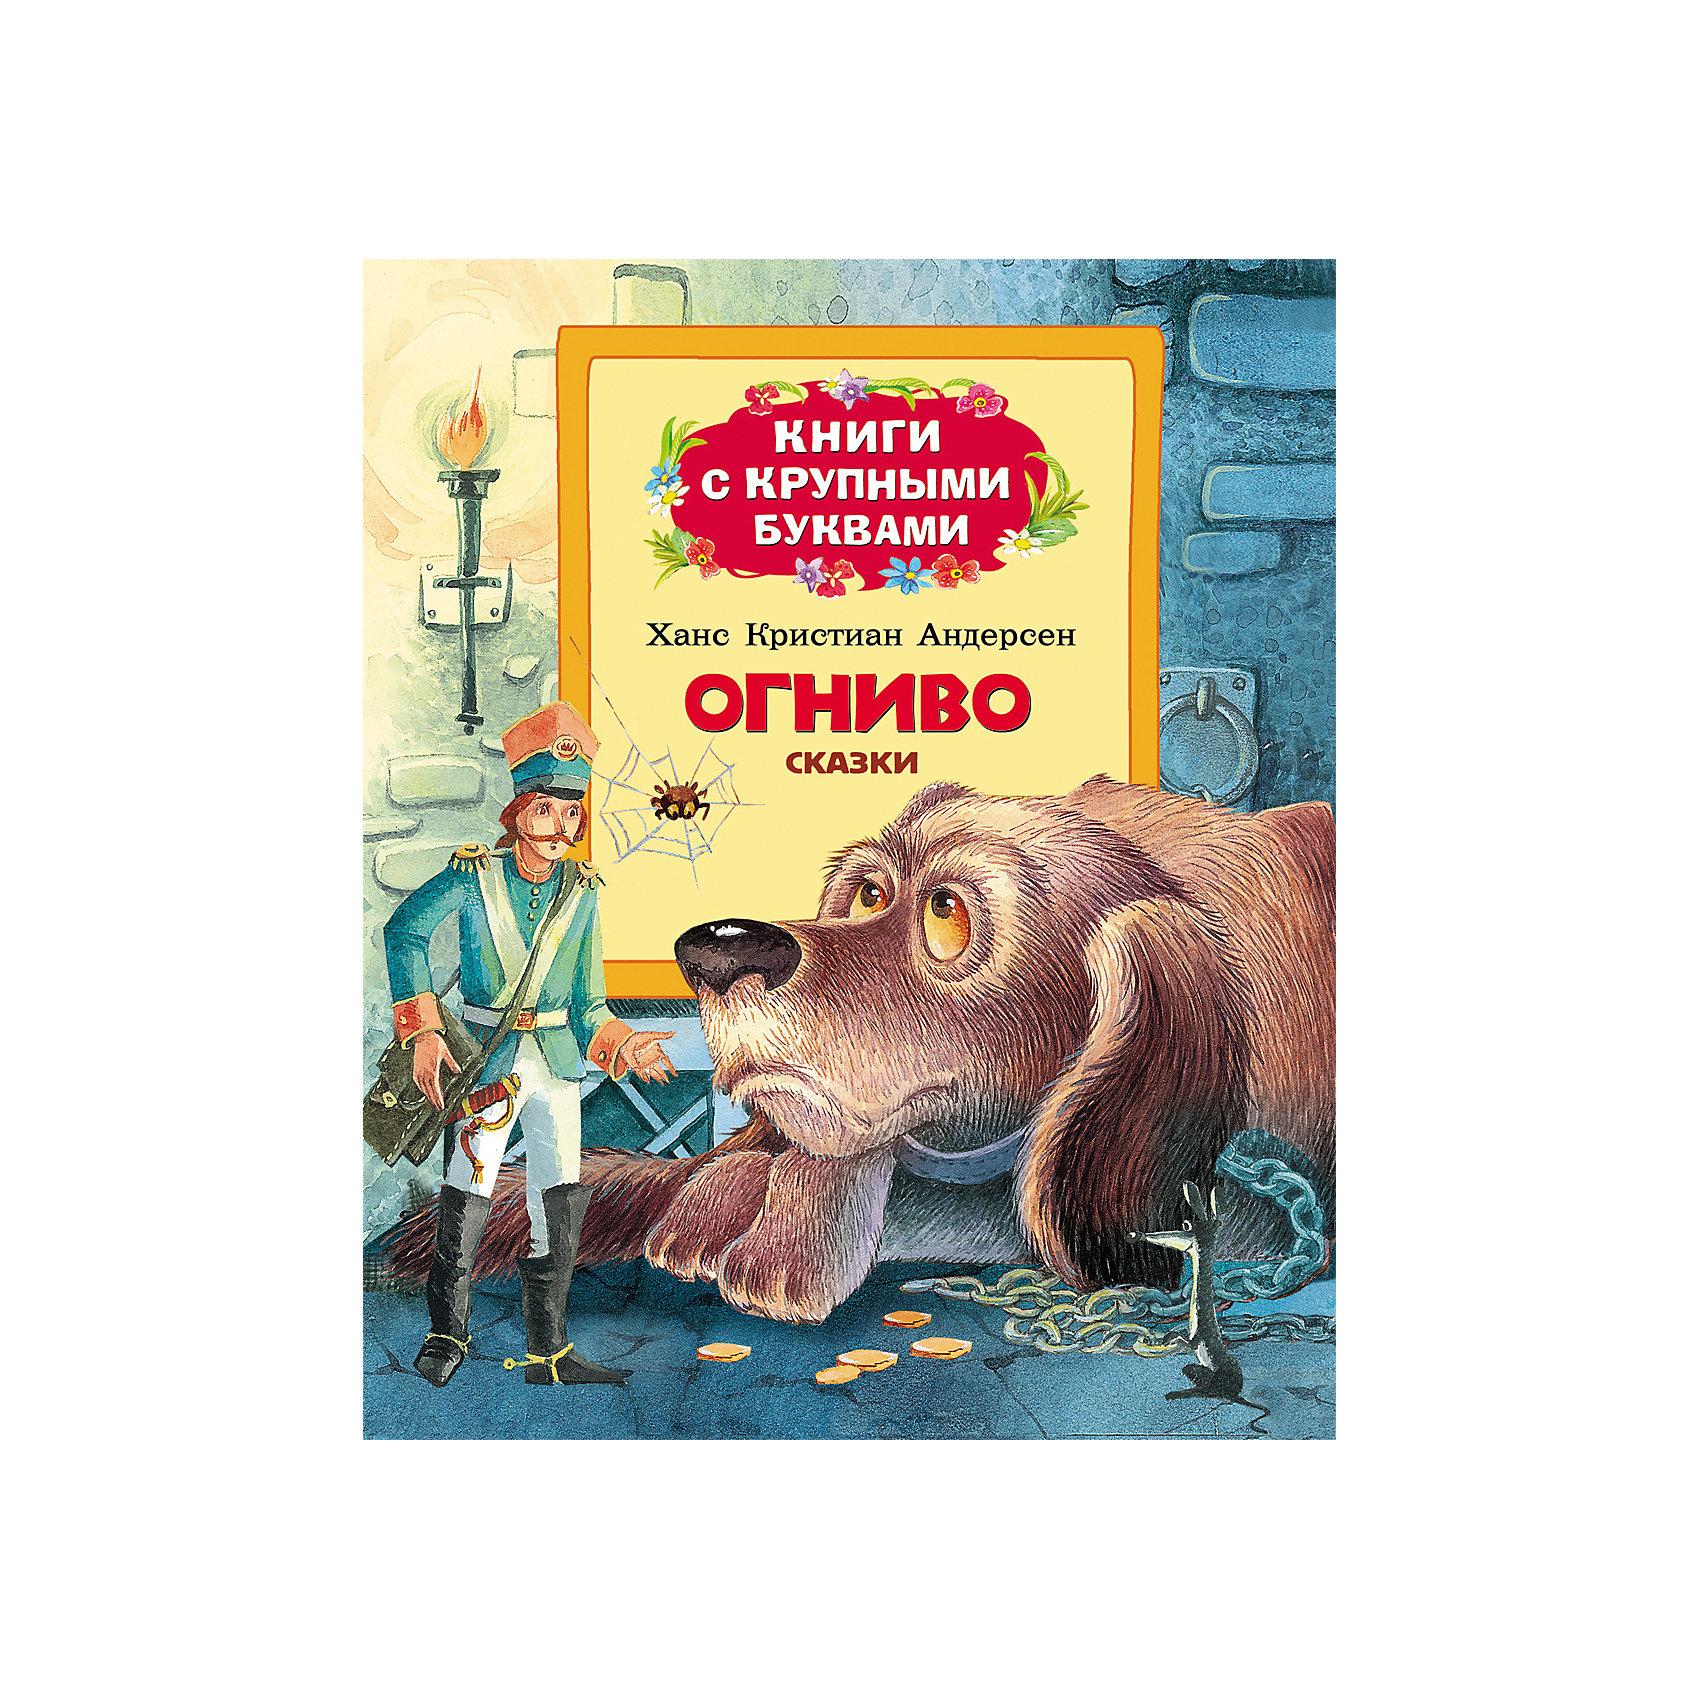 Книга с крупными буквами ОгнивоРусские сказки<br>Характеристики товара:<br><br>- цвет: разноцветный;<br>- материал: бумага;<br>- страниц: 32;<br>- формат: 20 х 26 см;<br>- обложка: твердая;<br>- иллюстрации;<br>- содержание: Огниво, Новое платье короля.<br><br>Эта интересная книга с иллюстрациями станет отличным подарком для ребенка. Она содержит в себе известные сказки, которые любит не одно поколение! Талантливый иллюстратор дополнил книгу качественными рисунками, которые помогают ребенку проникнуться духом сказки.<br>Чтение - отличный способ активизации мышления, оно помогает ребенку развивать зрительную память, концентрацию внимания и воображение. Издание произведено из качественных материалов, которые безопасны даже для самых маленьких.<br><br>Книгу с крупными буквами Огниво от компании Росмэн можно купить в нашем интернет-магазине.<br><br>Ширина мм: 240<br>Глубина мм: 205<br>Высота мм: 7<br>Вес г: 289<br>Возраст от месяцев: 36<br>Возраст до месяцев: 72<br>Пол: Унисекс<br>Возраст: Детский<br>SKU: 5109910